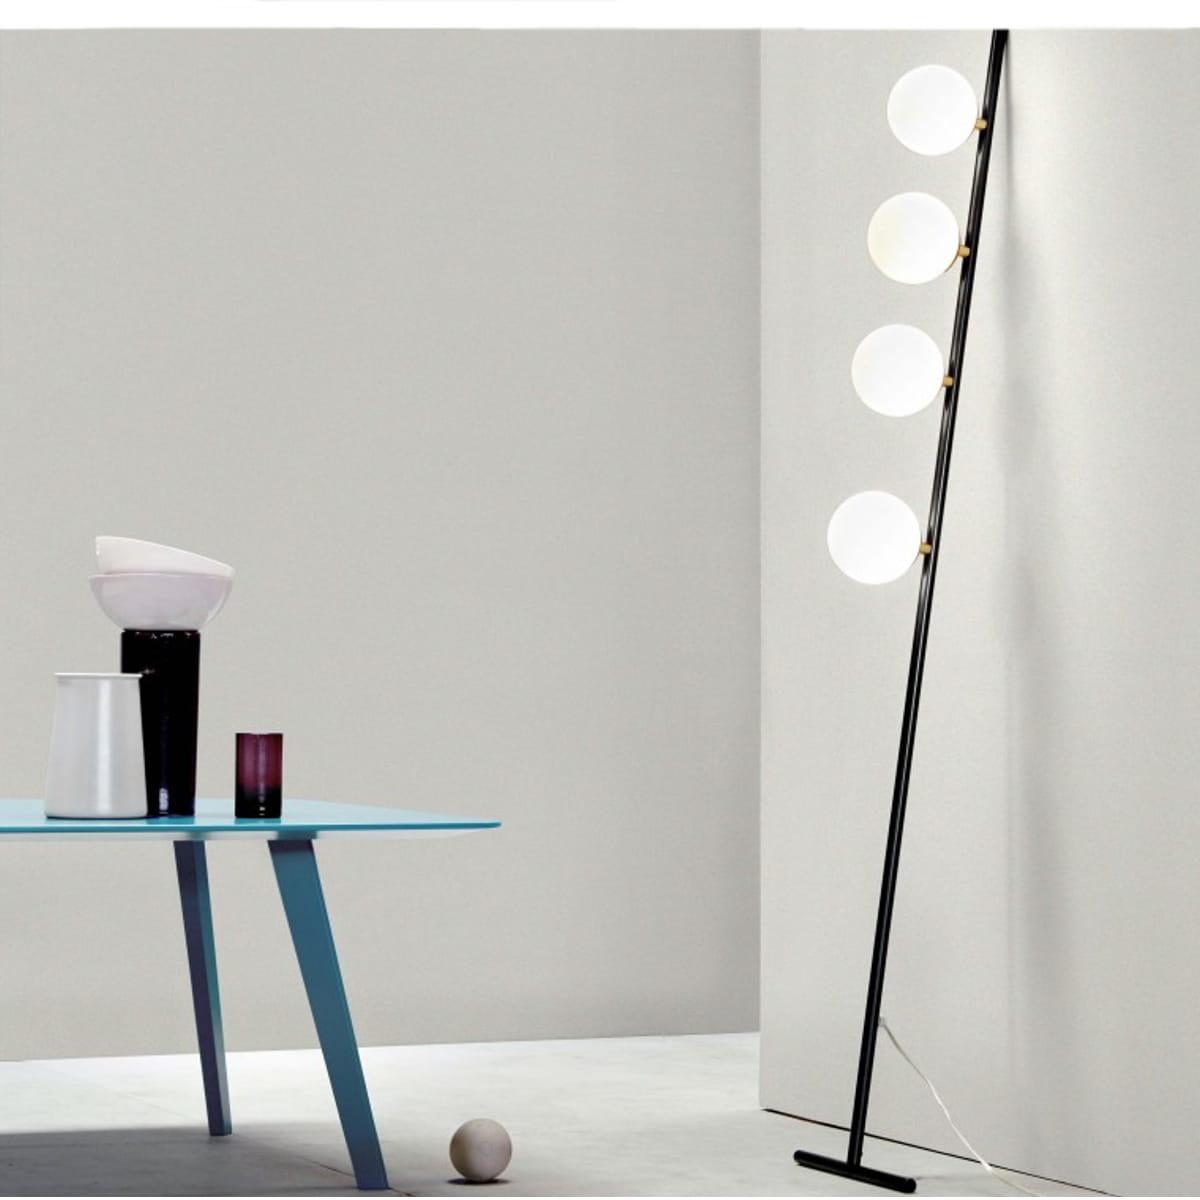 Lampa pod ogowa arch mm lampadari nordic decoration home for Mm lampadari